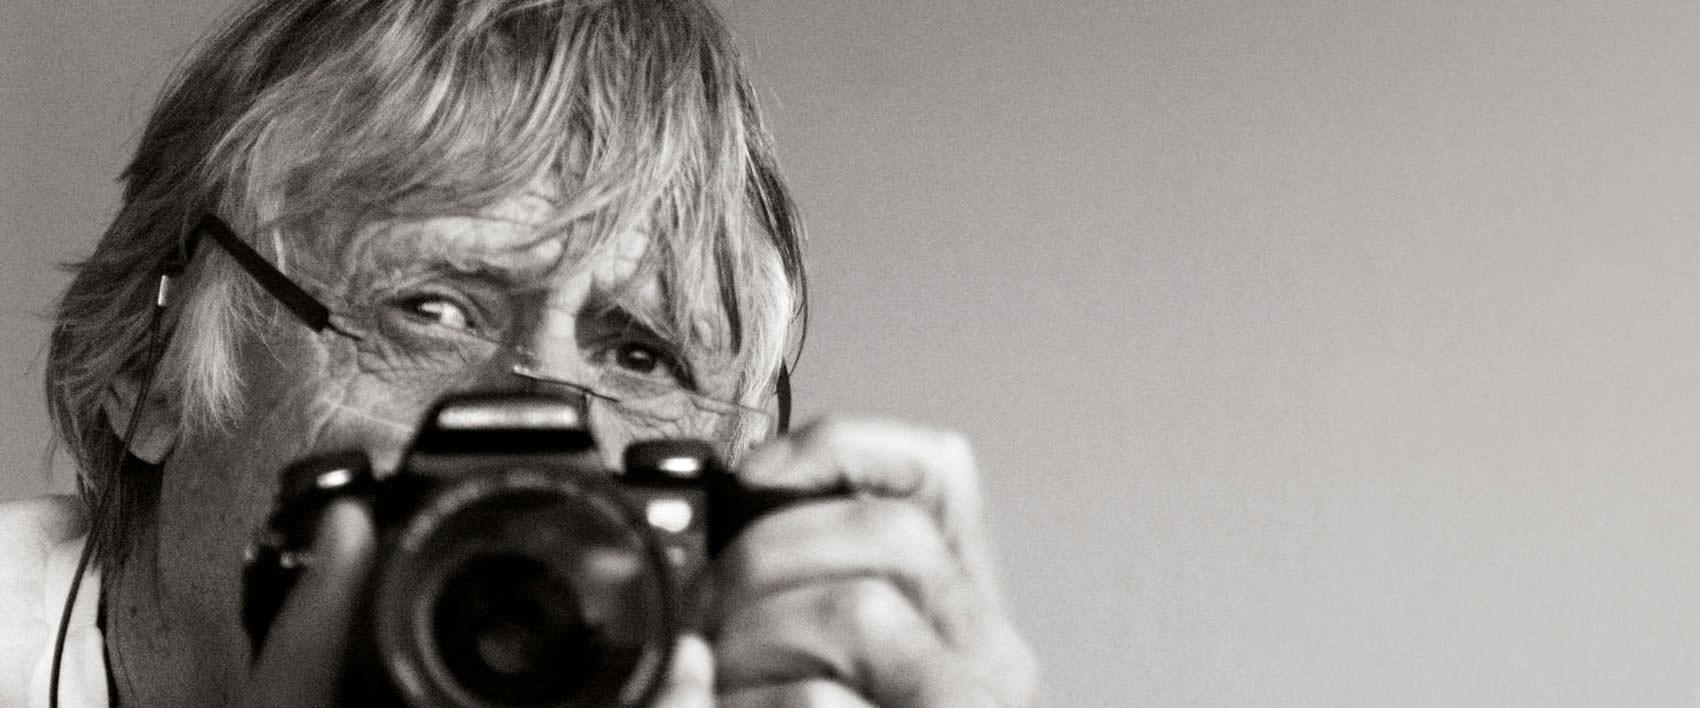 Dieter Blum mit Kamera